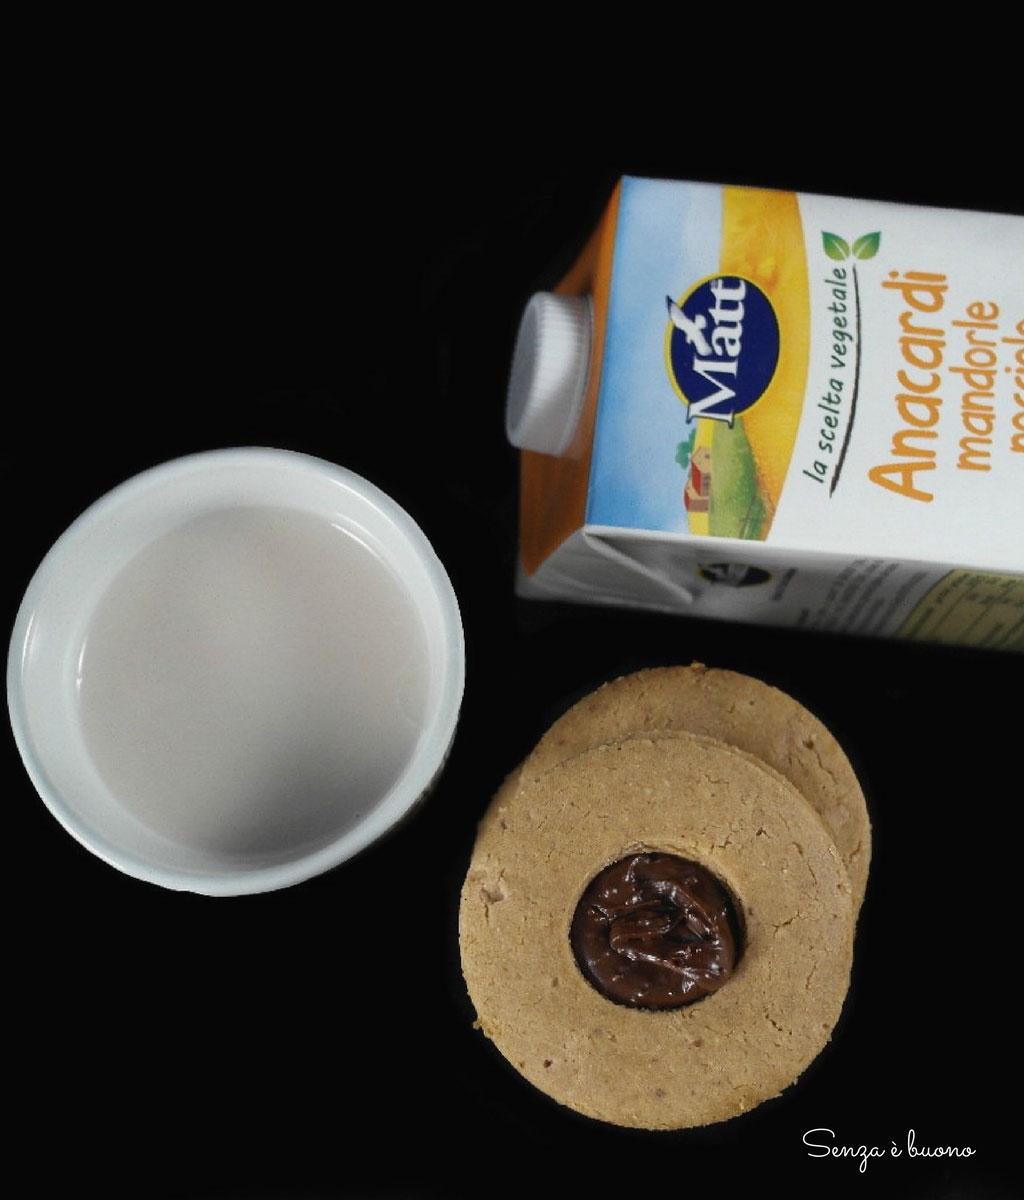 Biscotti con nocciole senza glutine vegan